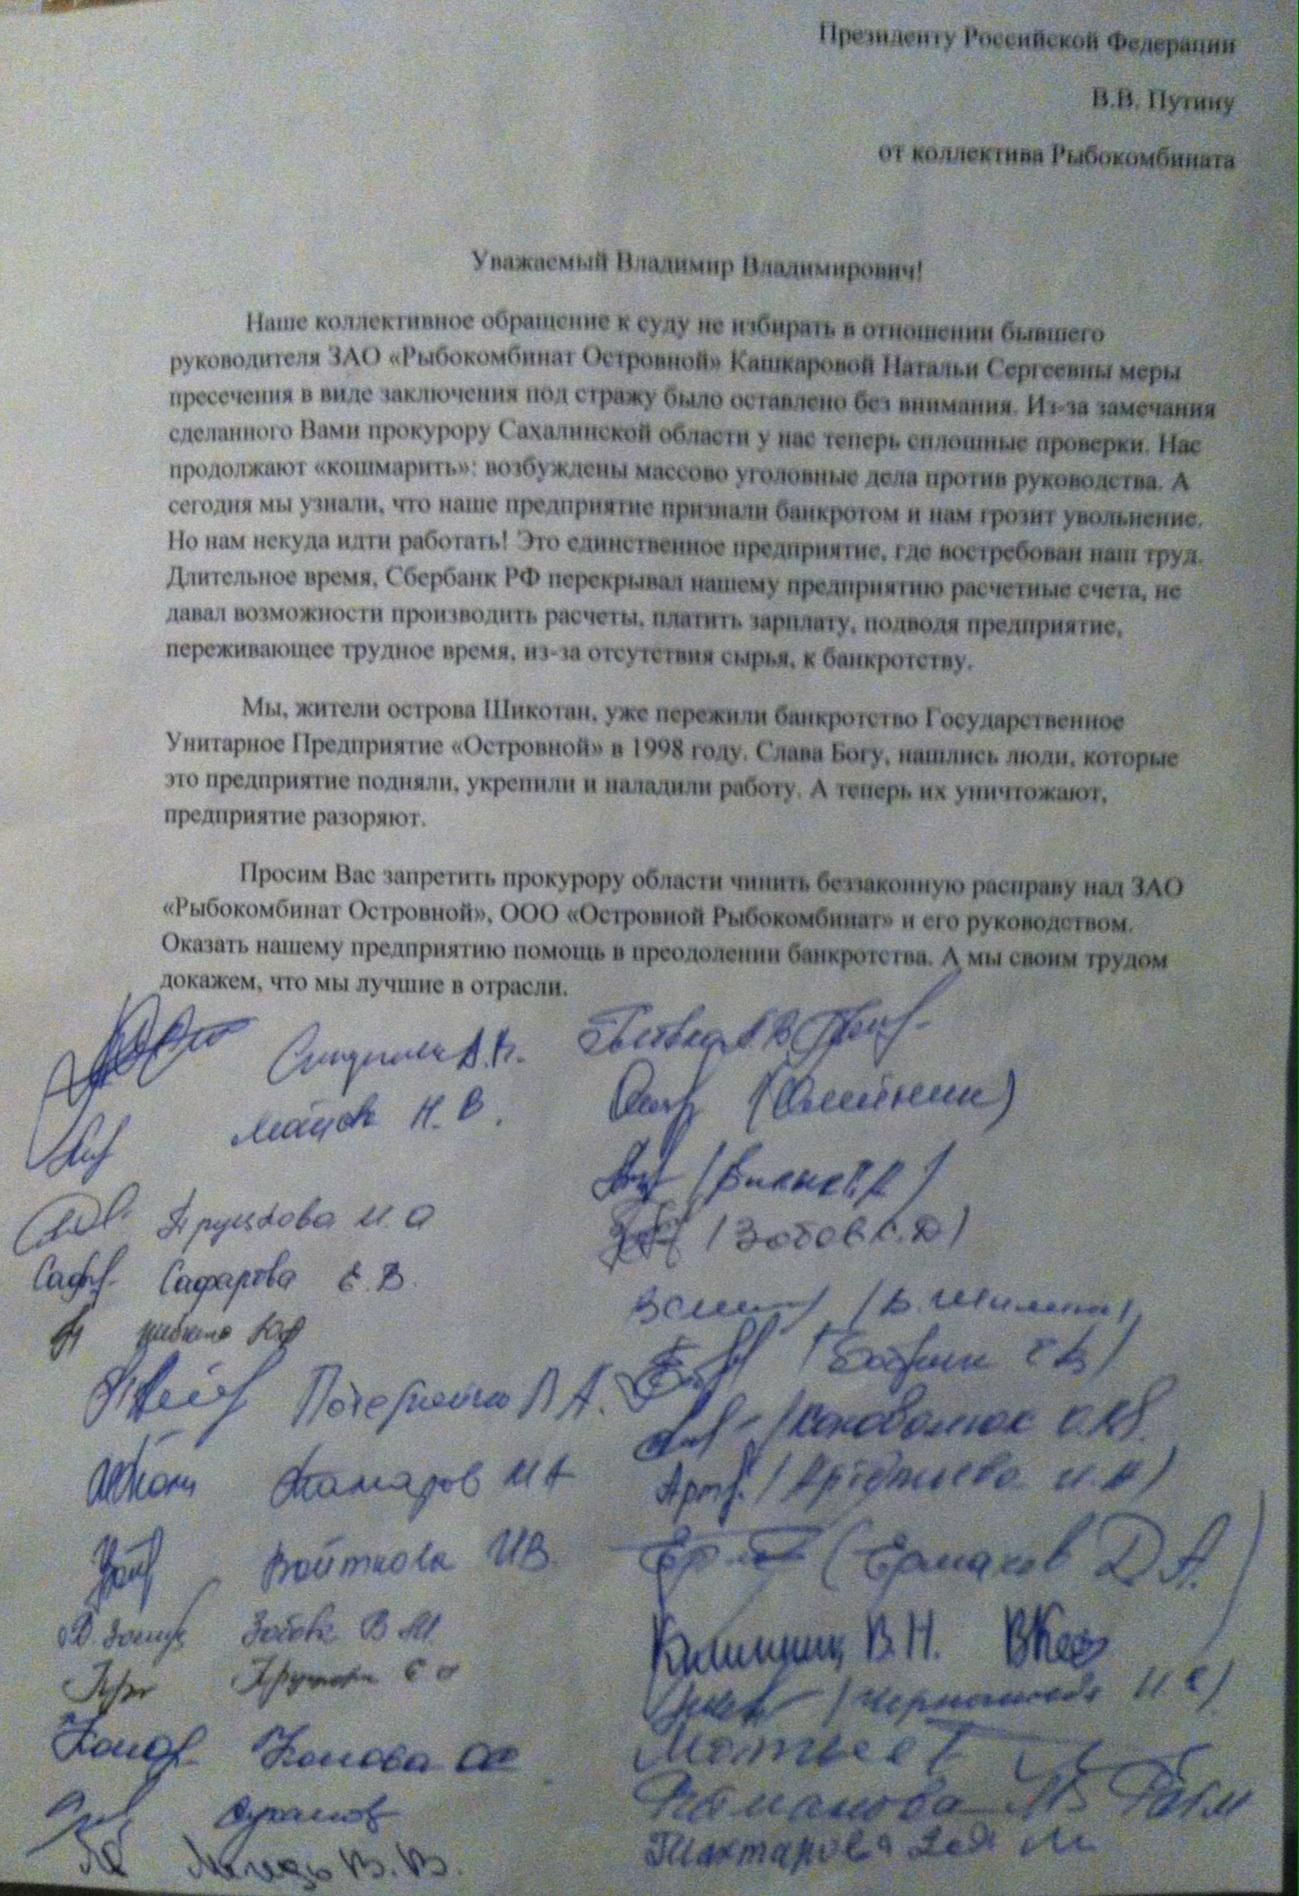 Учредитель ЗАО Рыбокомбинат Островной Юрий Белкин объявлен в международный розыск